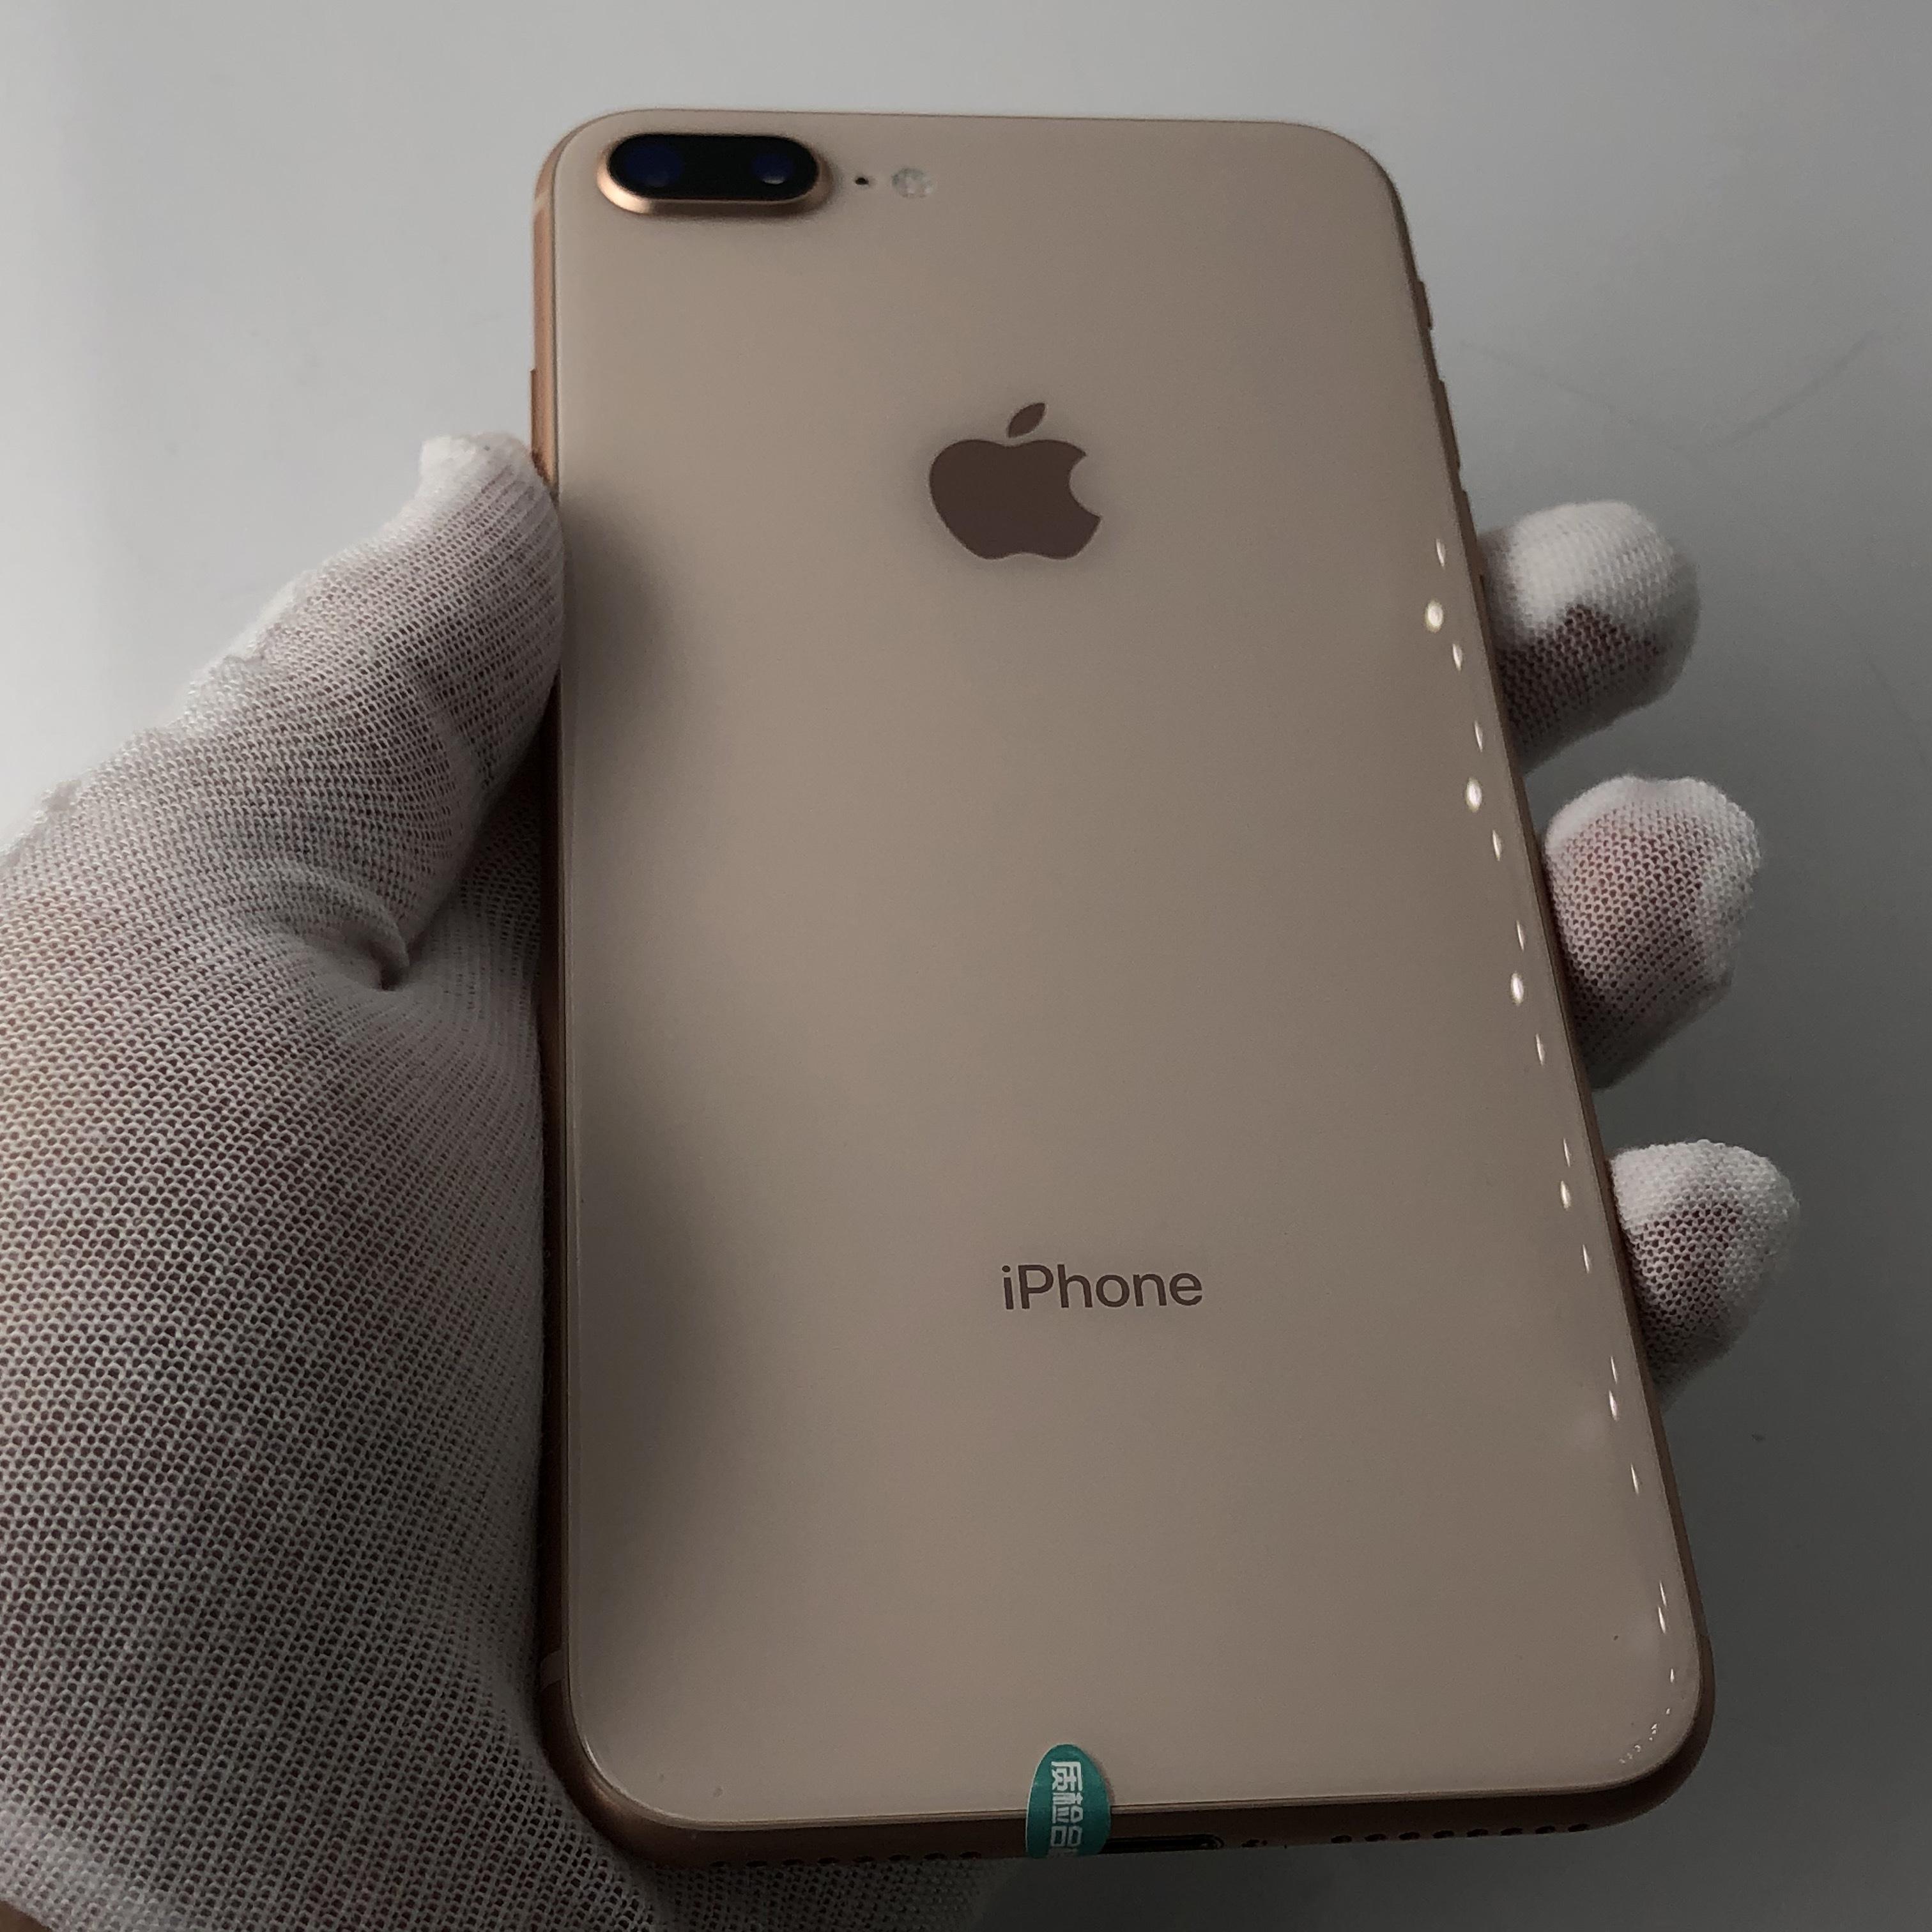 苹果【iPhone 8 Plus】4G全网通 金色 64G 国行 9成新